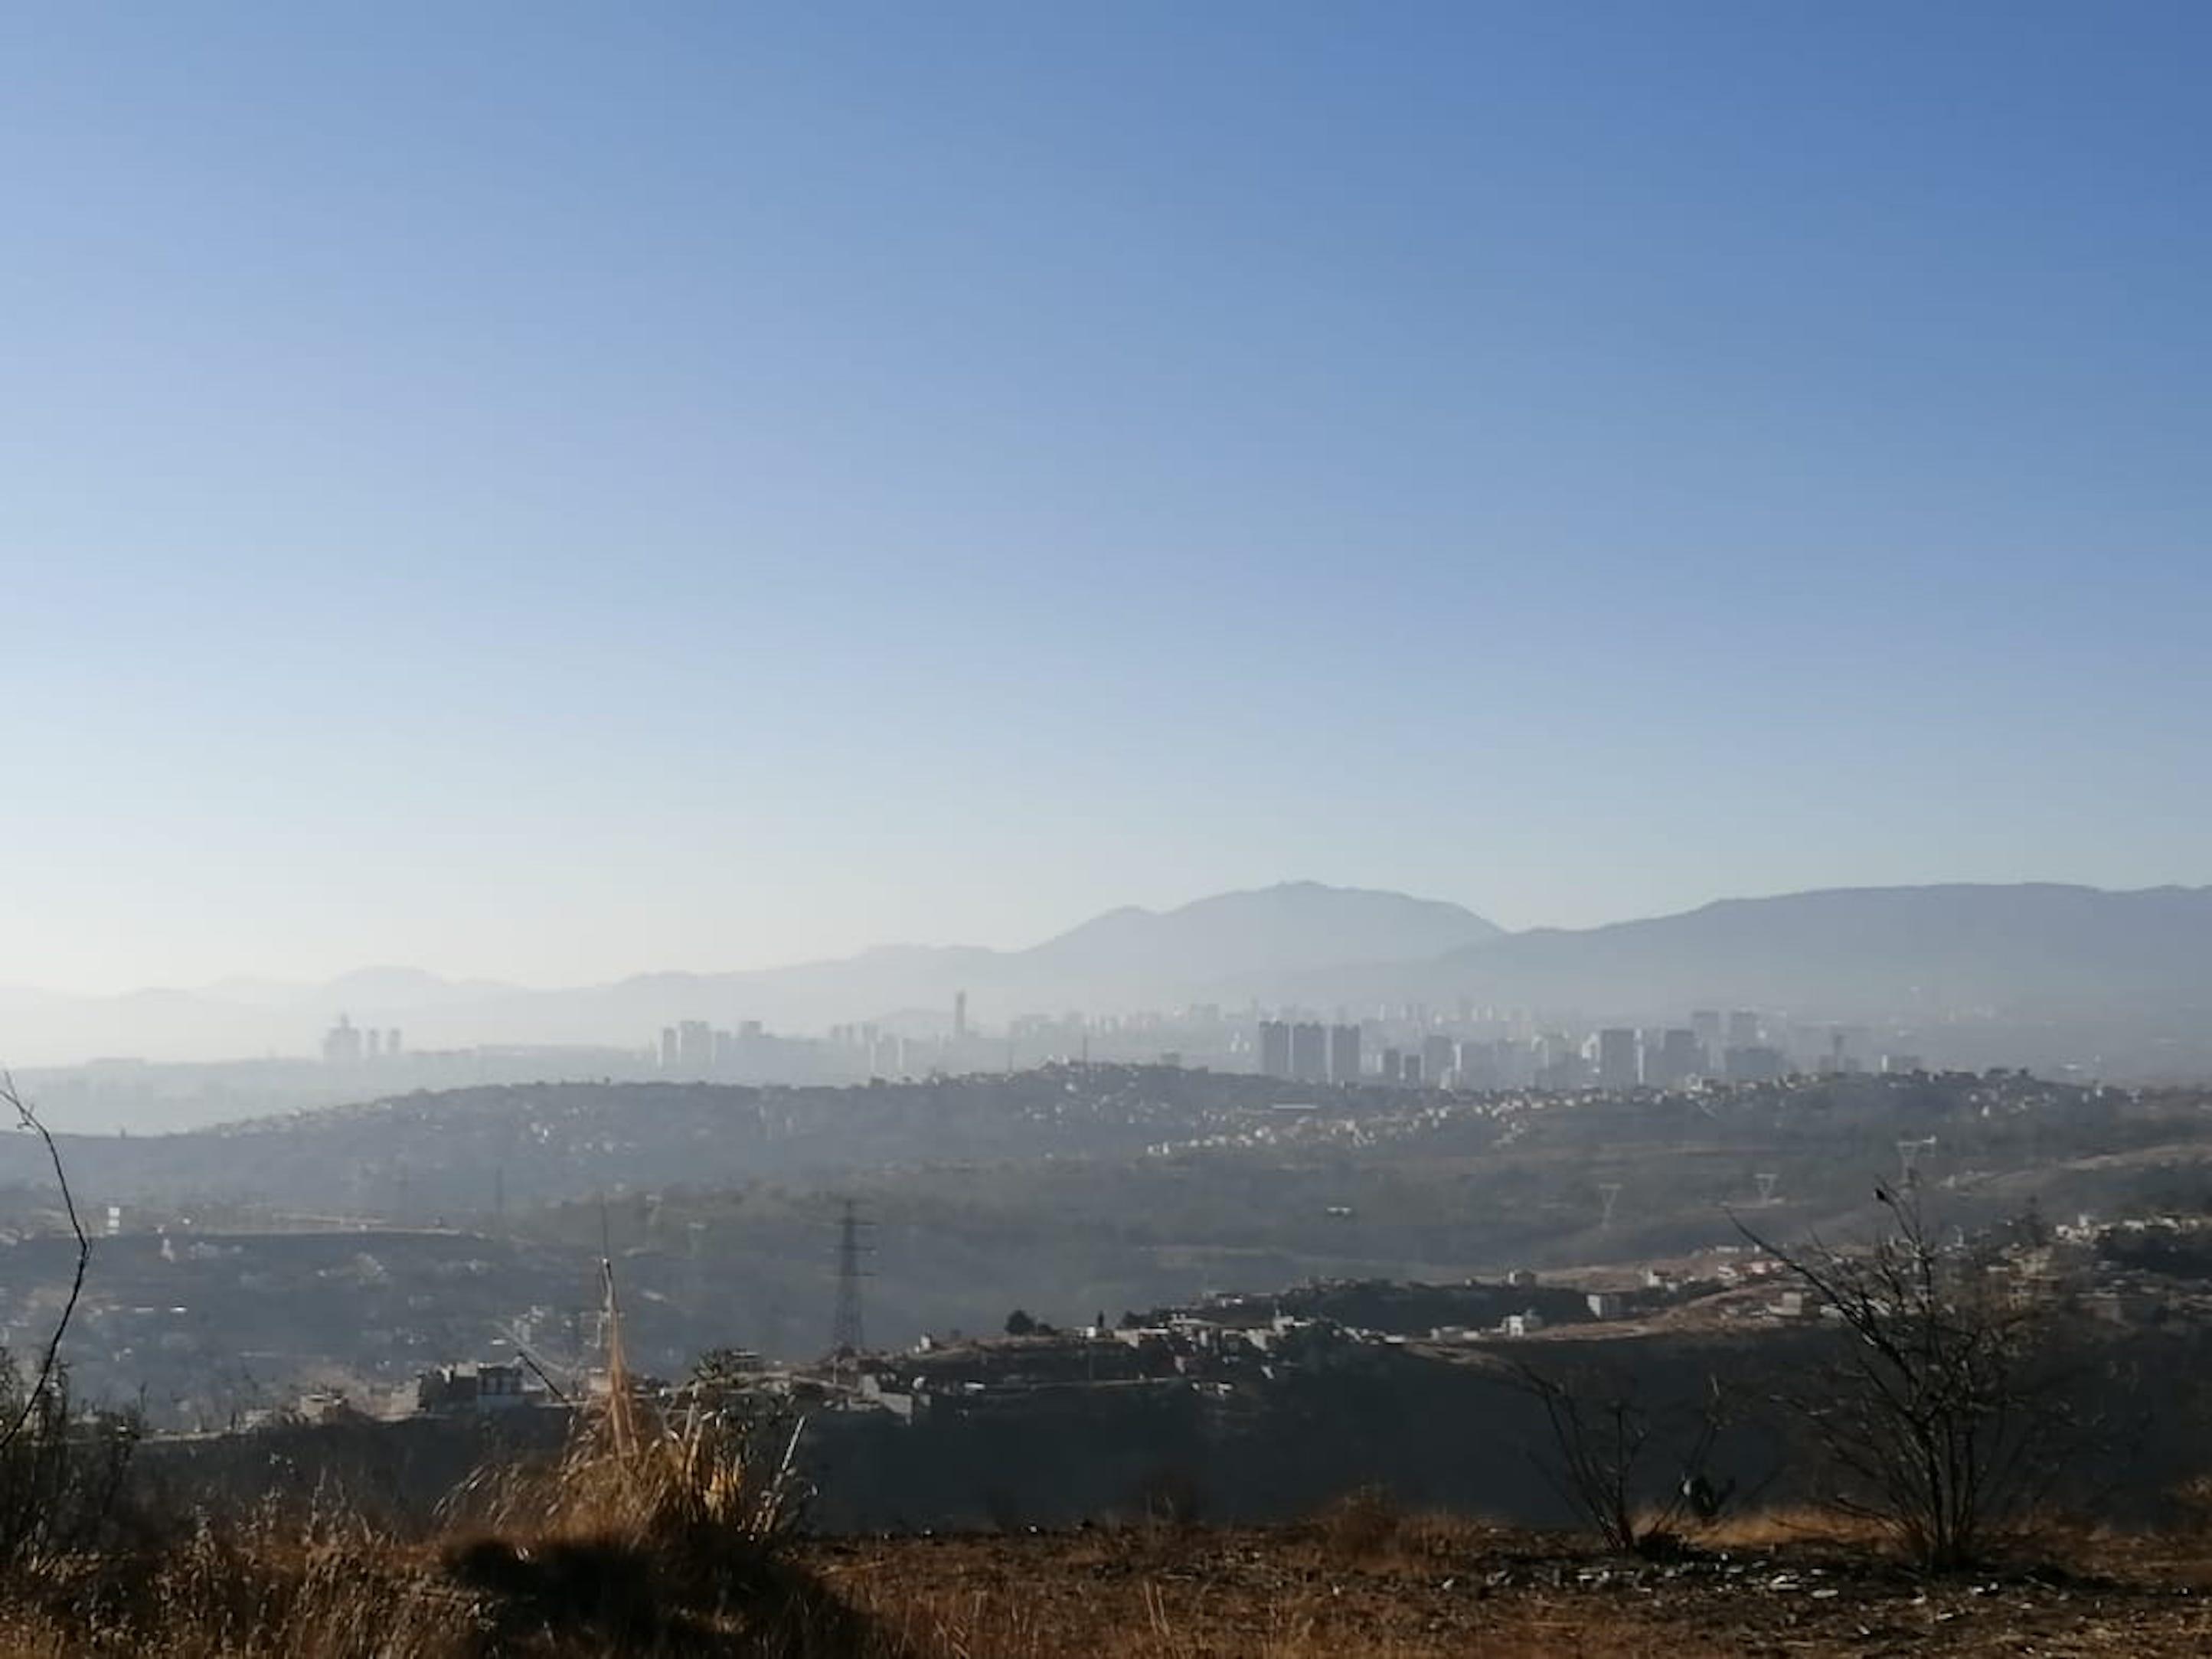 Los cerros de Rincón Verde y la presión demográfica sobre Naucalpan no se detiene